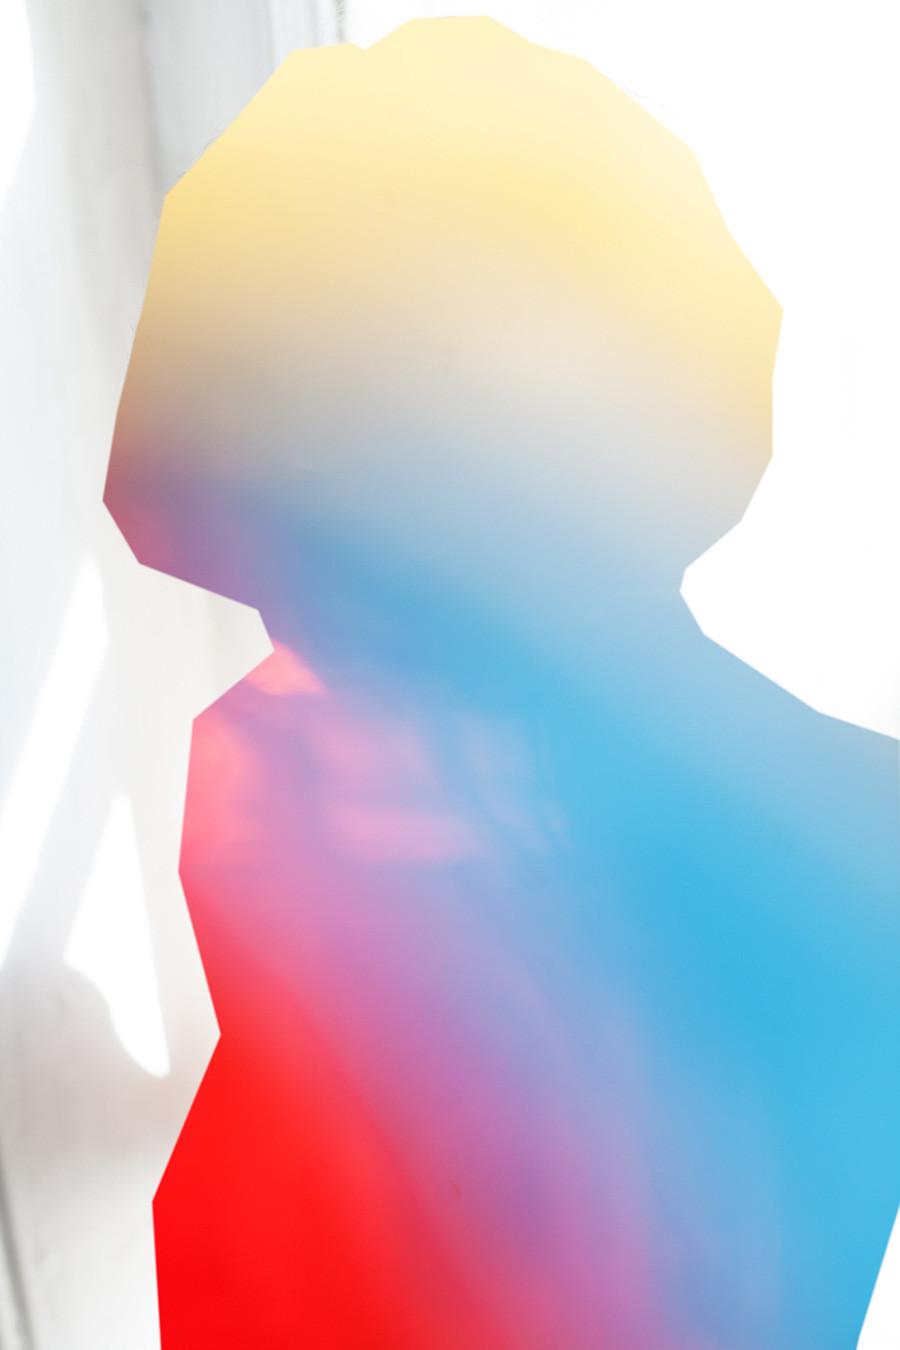 Nikita Pirogov. Liocha en écarlate, or et bleu de la série Toi et moi, 2015